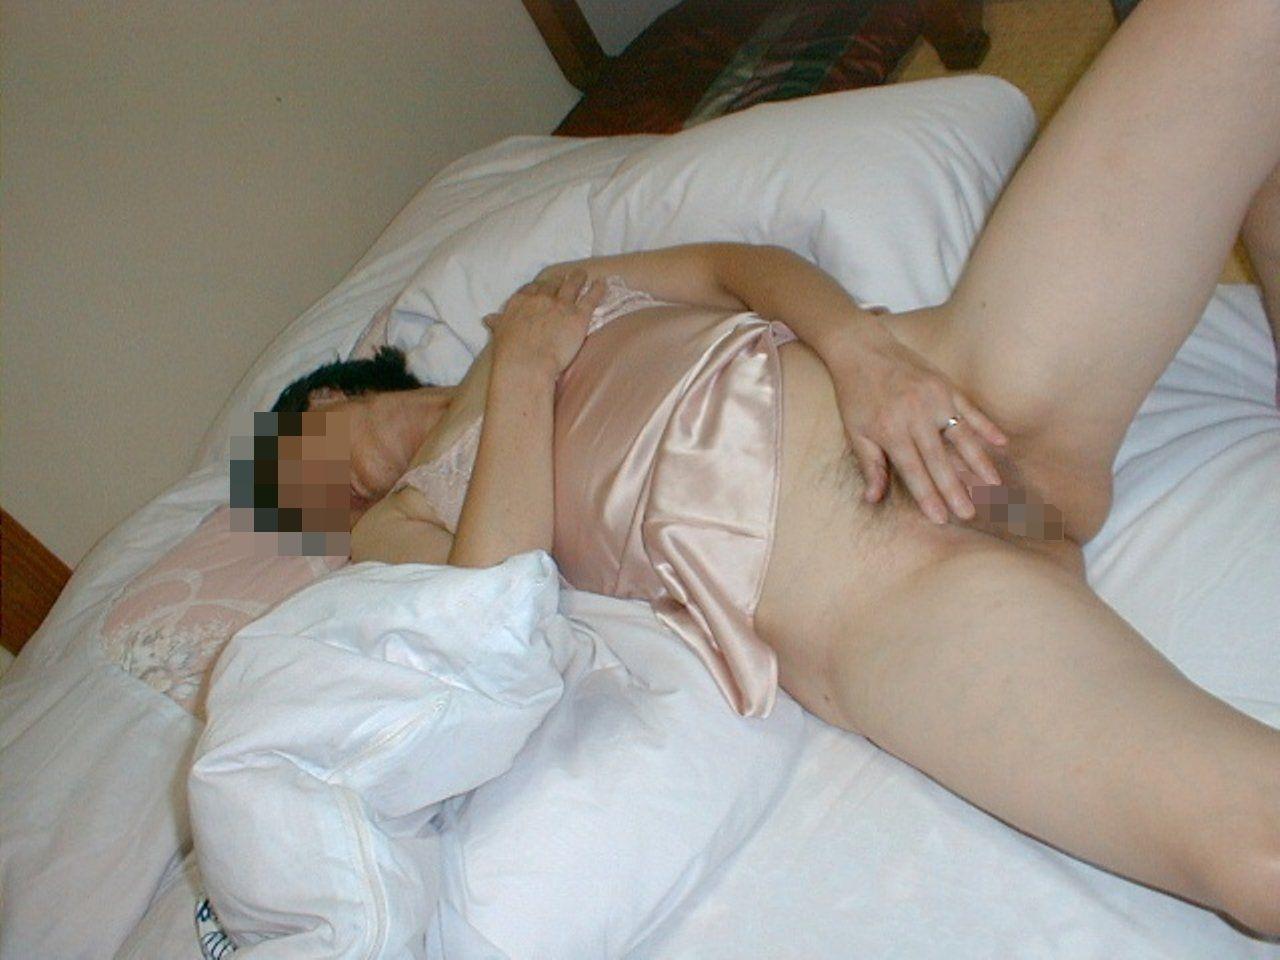 【熟女オナニー】マン汁臭そう~…閉経しても性欲が衰えないBBAのオナニー画像 その15